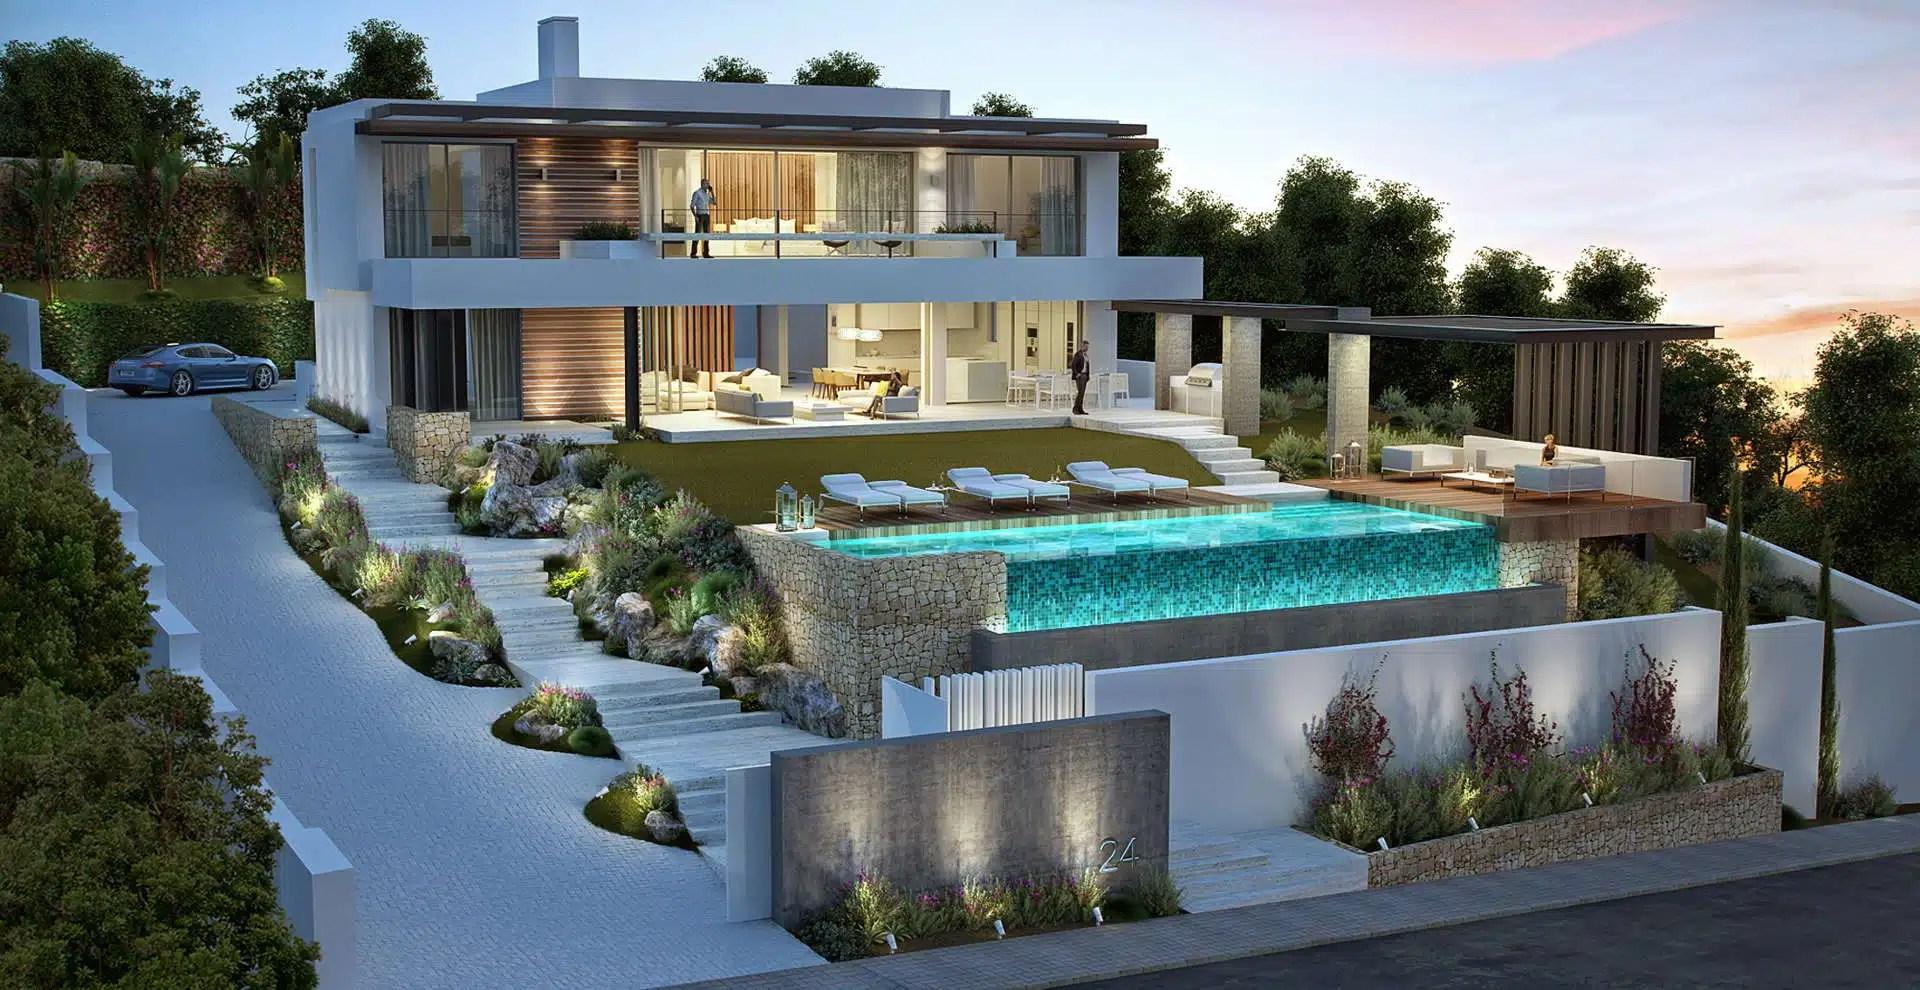 New contemporary villa for sale Capanes La Alqueria Benahavis  Realista